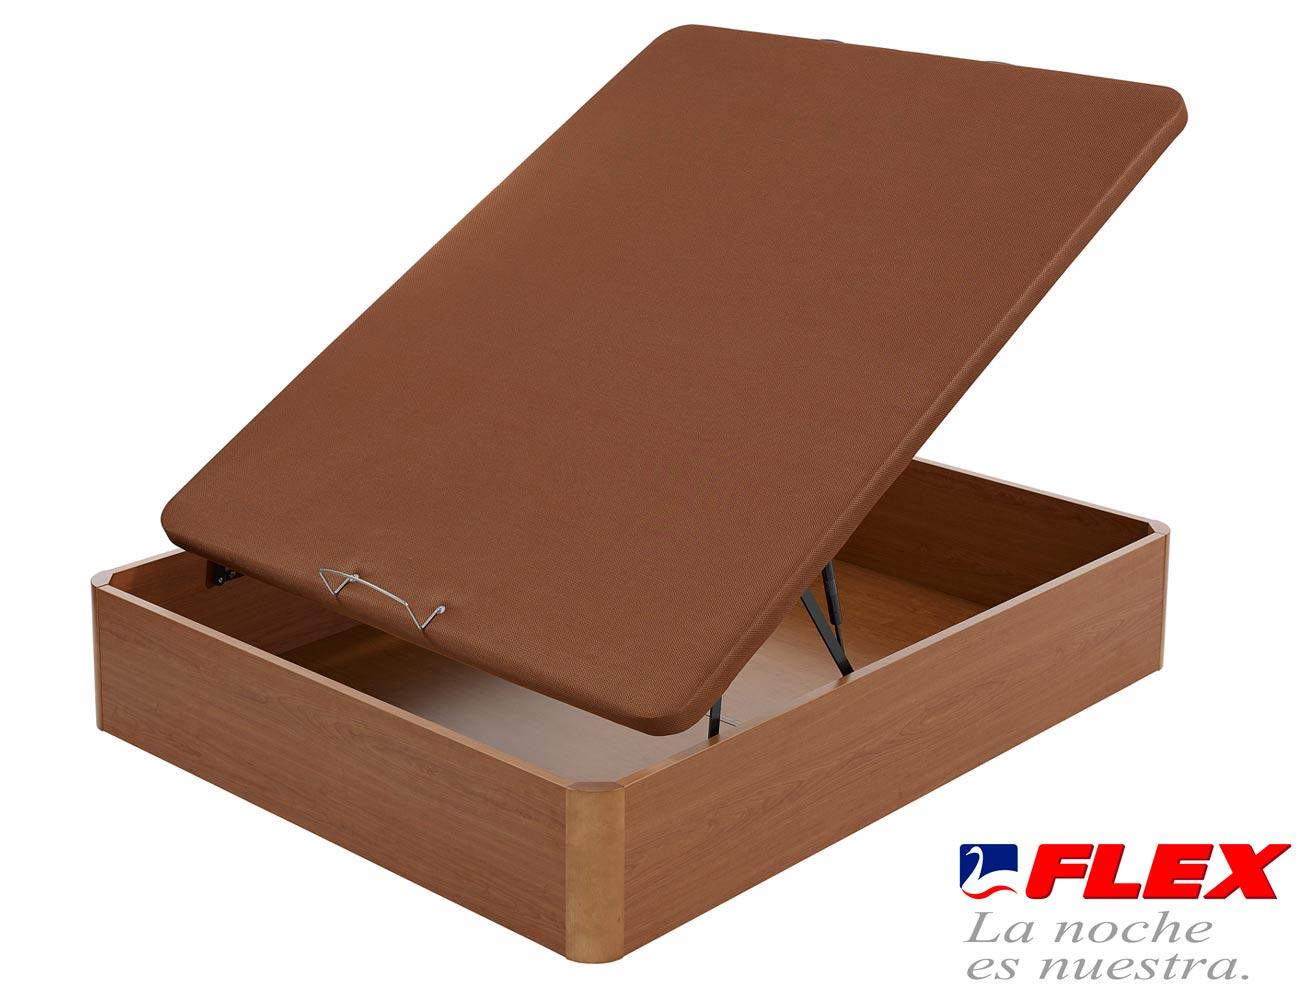 Canape flex madera abatible tapa3d 8317